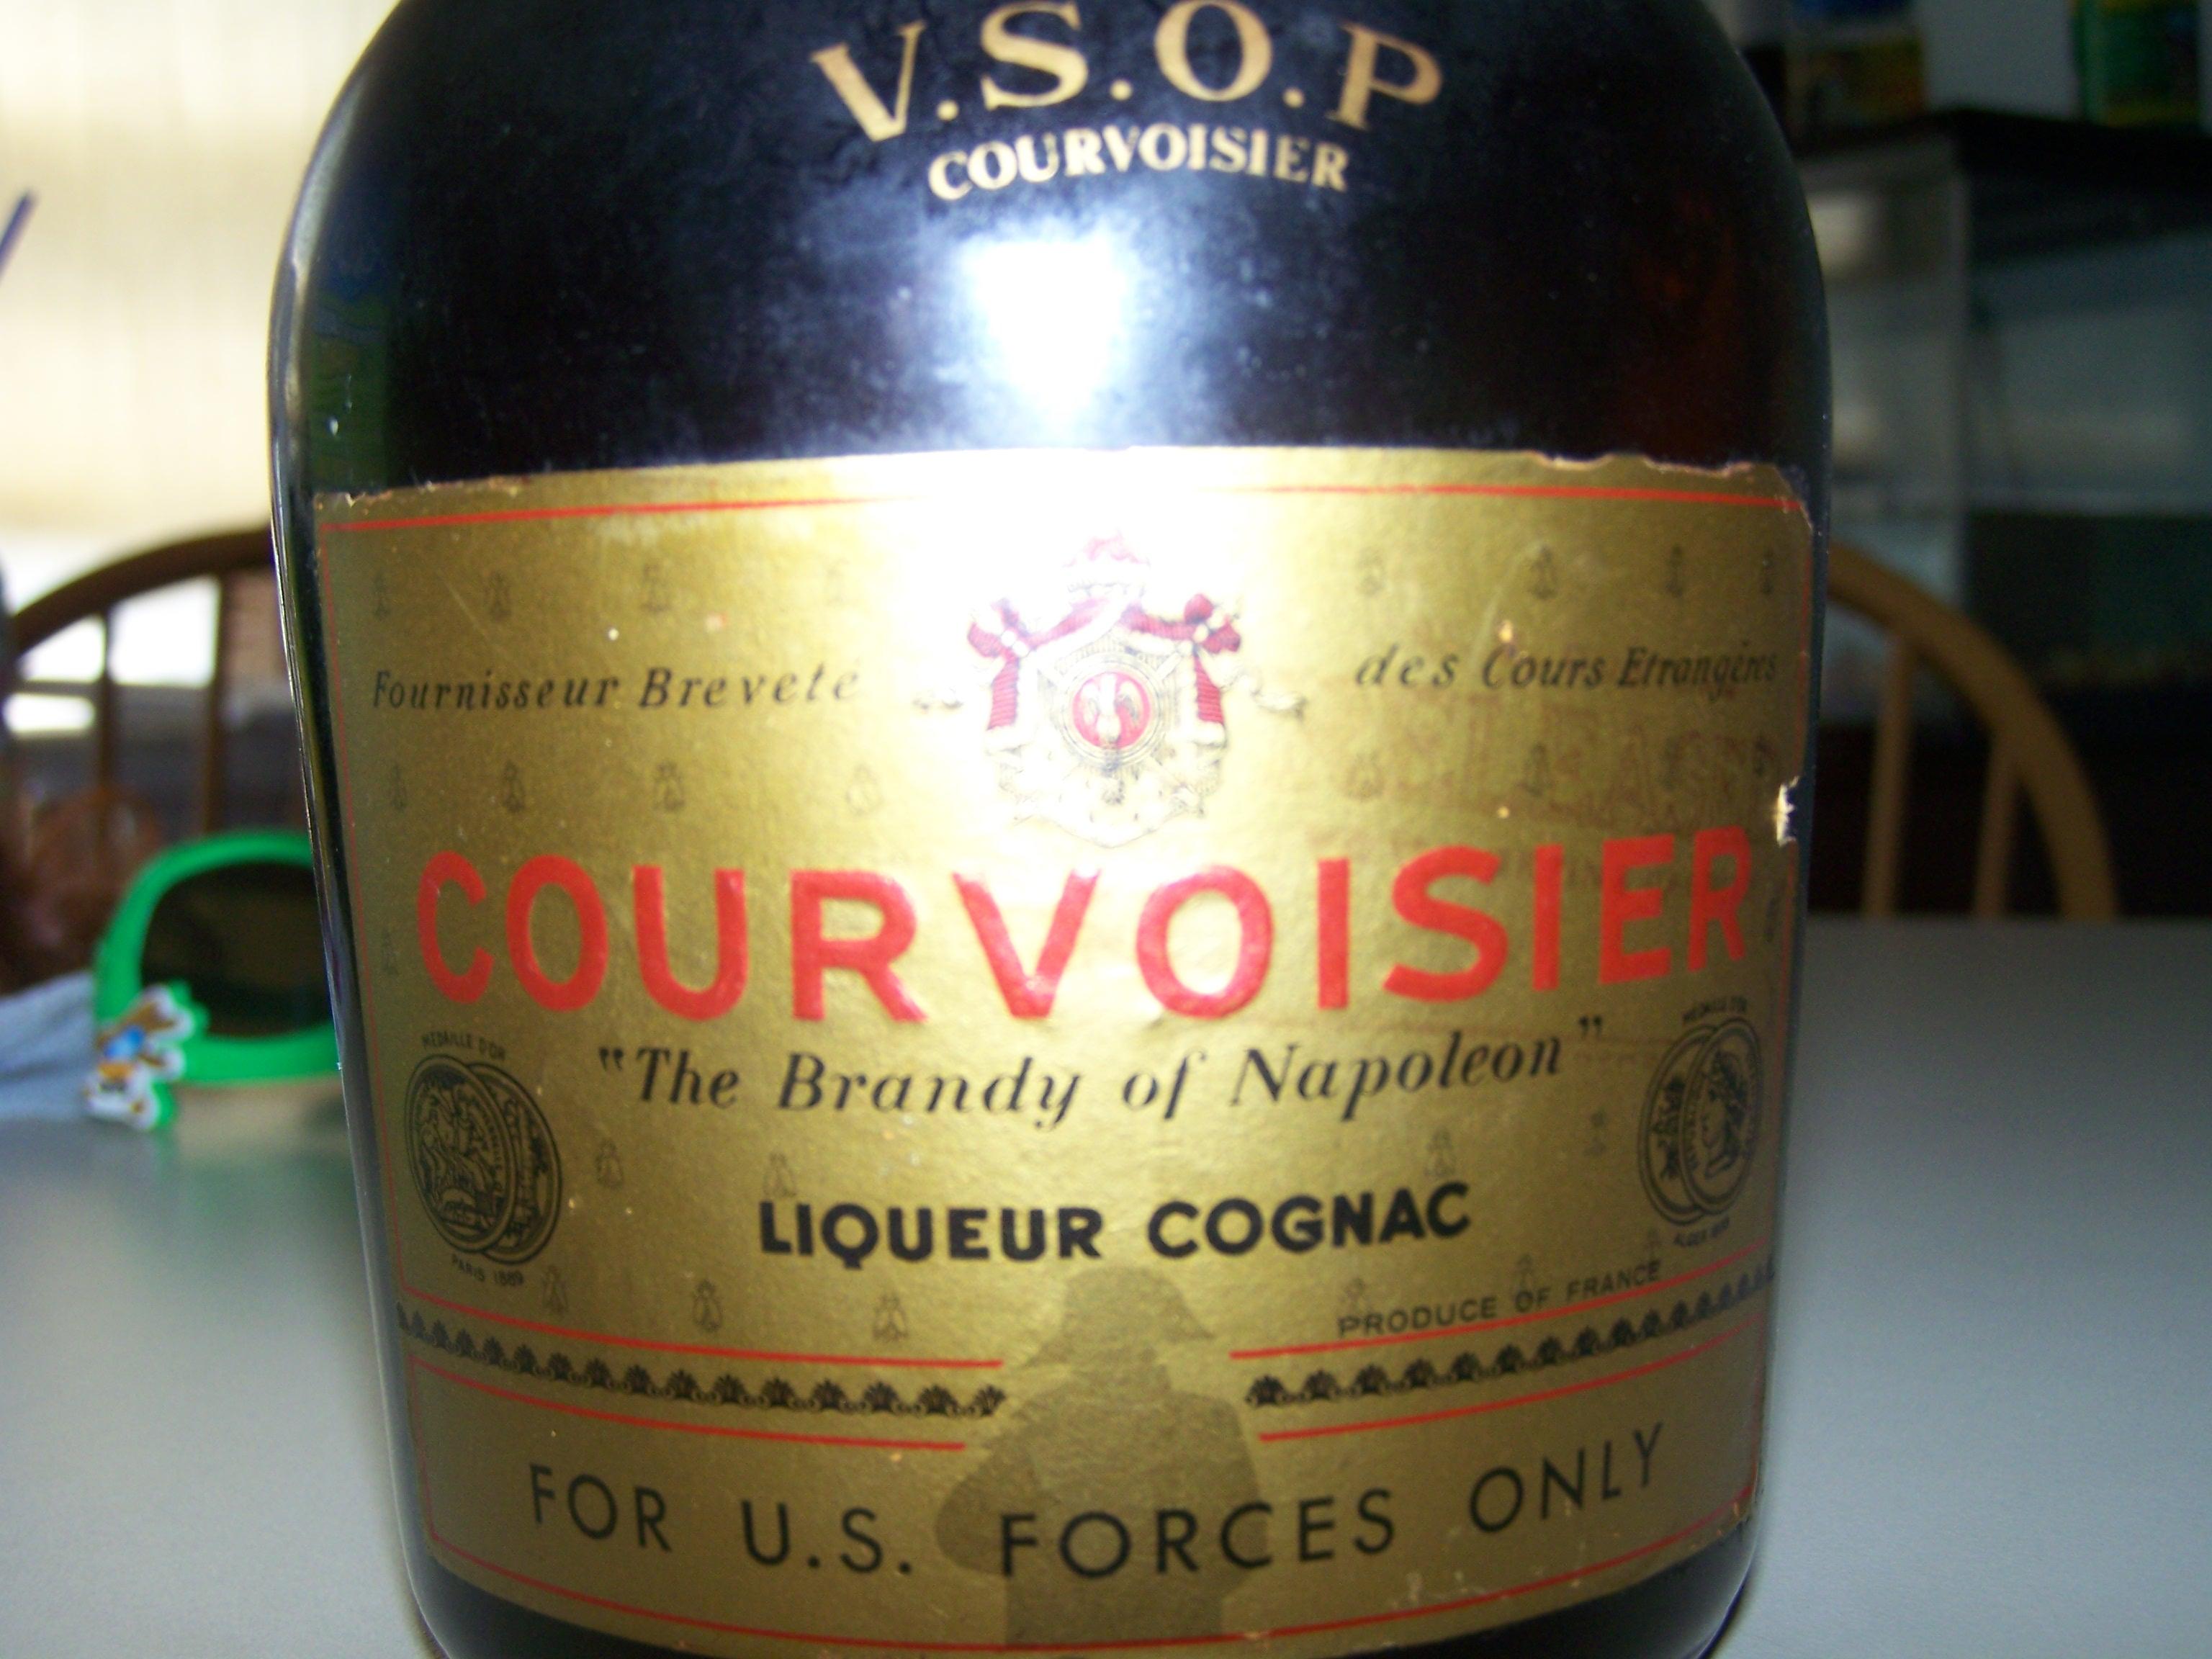 Courvoisier V.S.O.P Old Bottle label